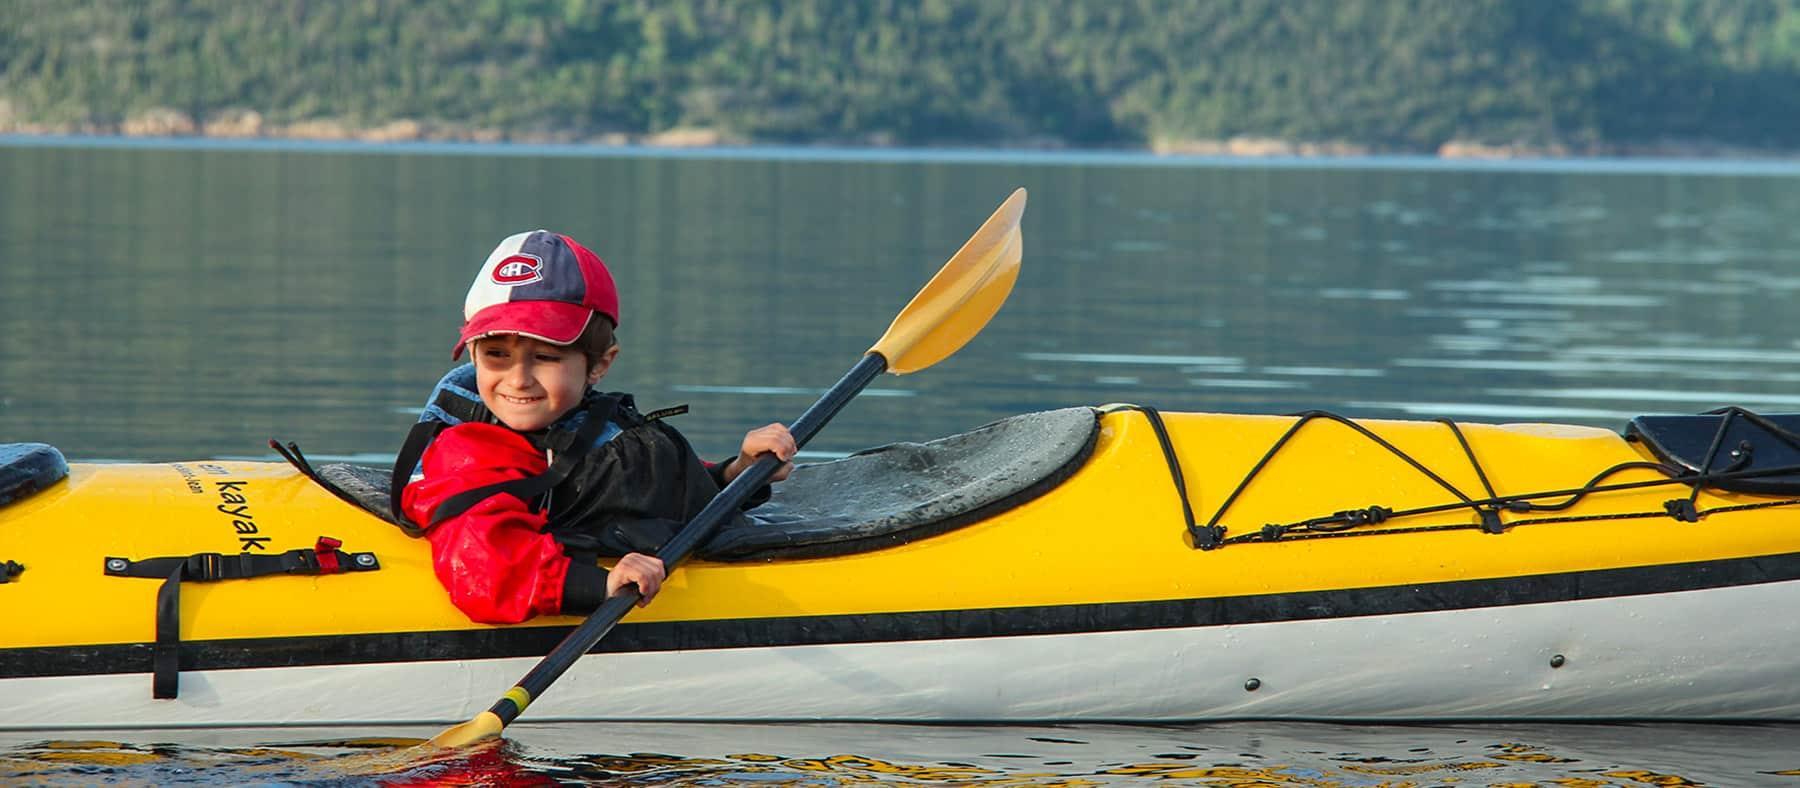 le-quebec-a-poumons-deployes-kayak-quebec-le-mag